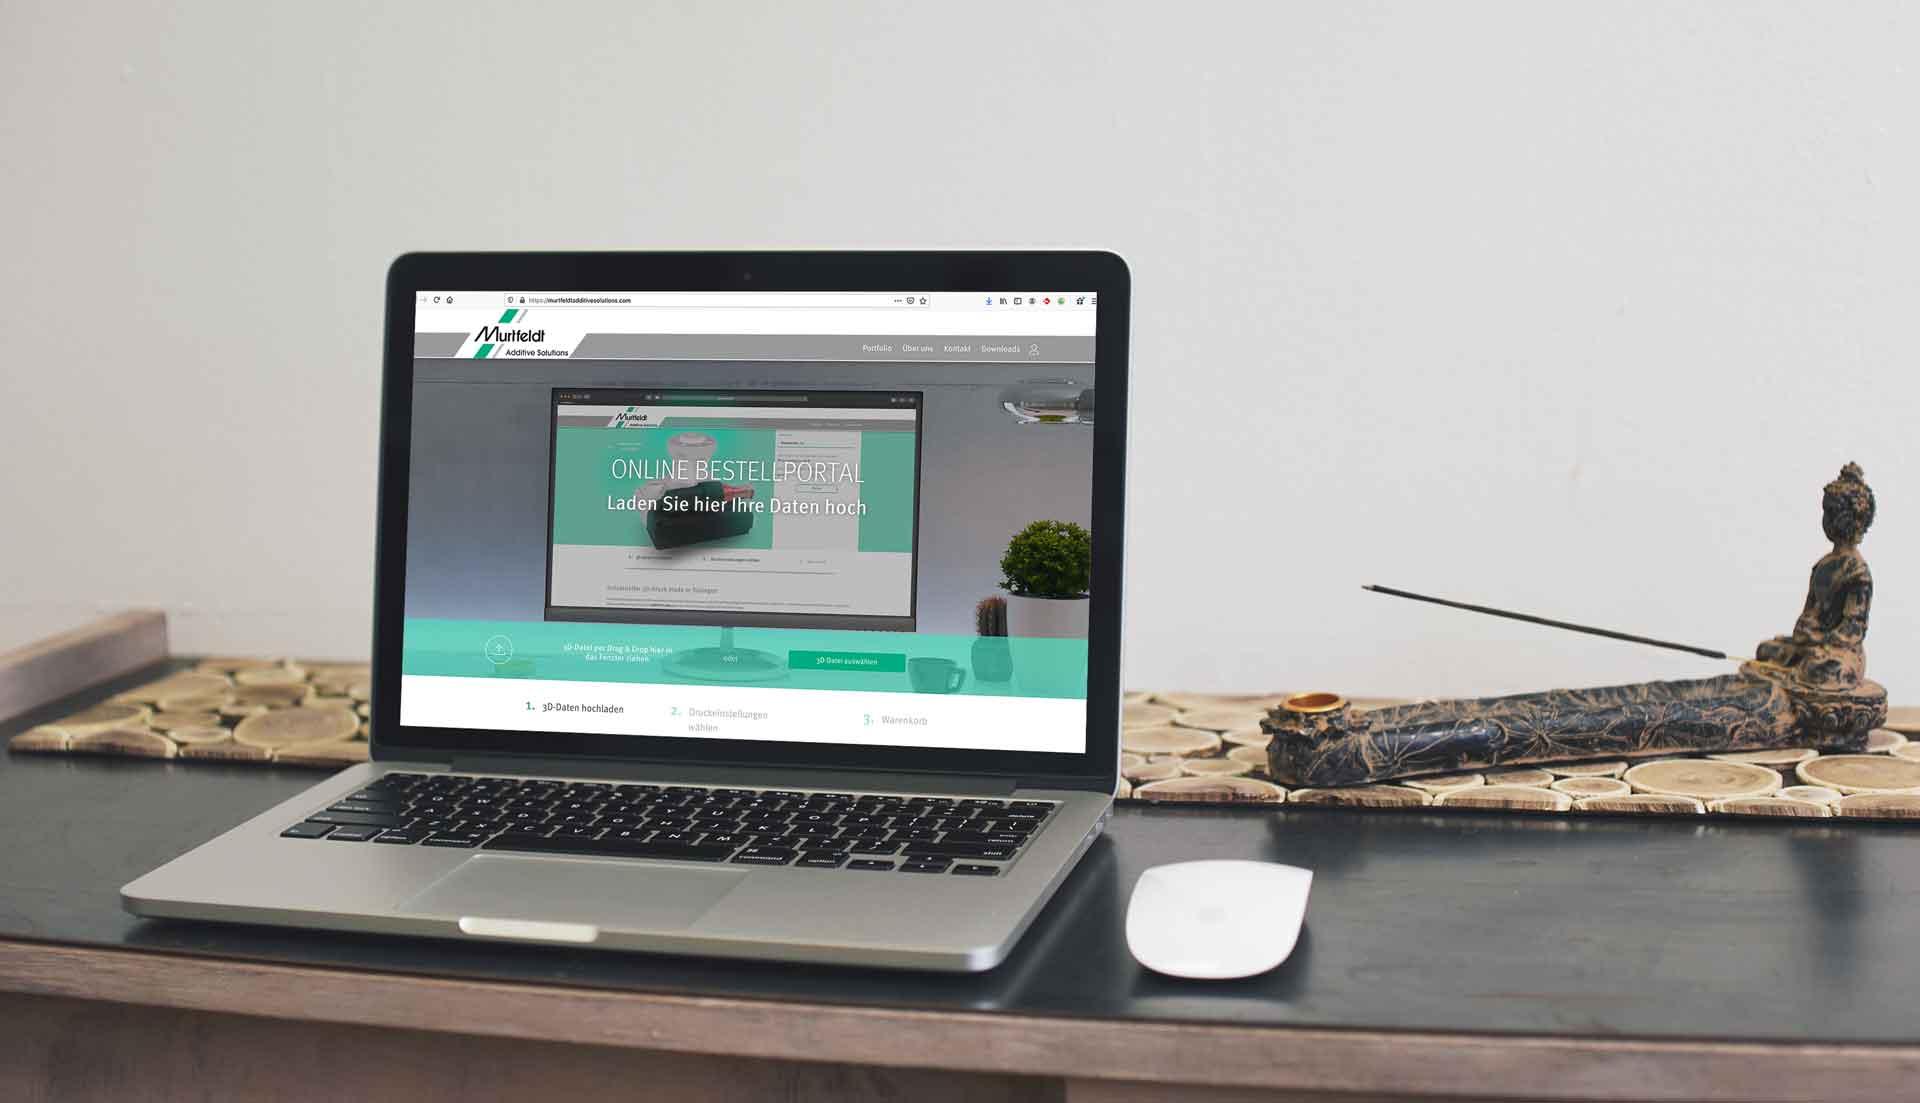 Darstellung einer Referenz in einem Laptop